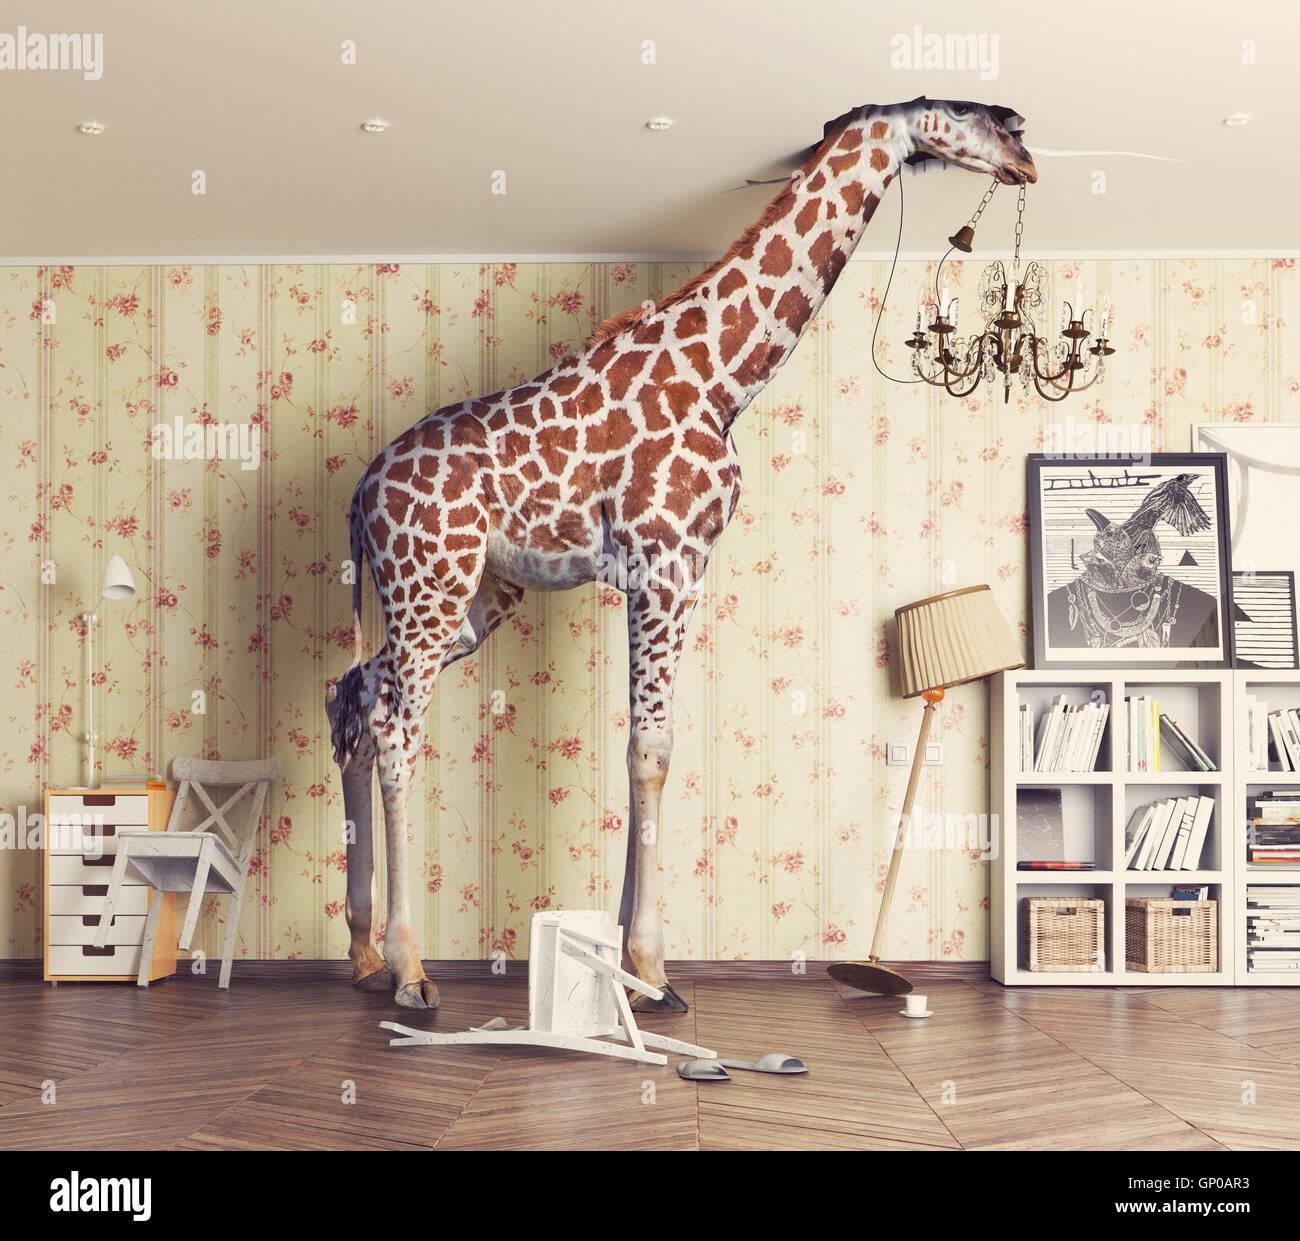 Girafe brise le plafond dans le salon. Concept combinaison Photographie Photo Stock